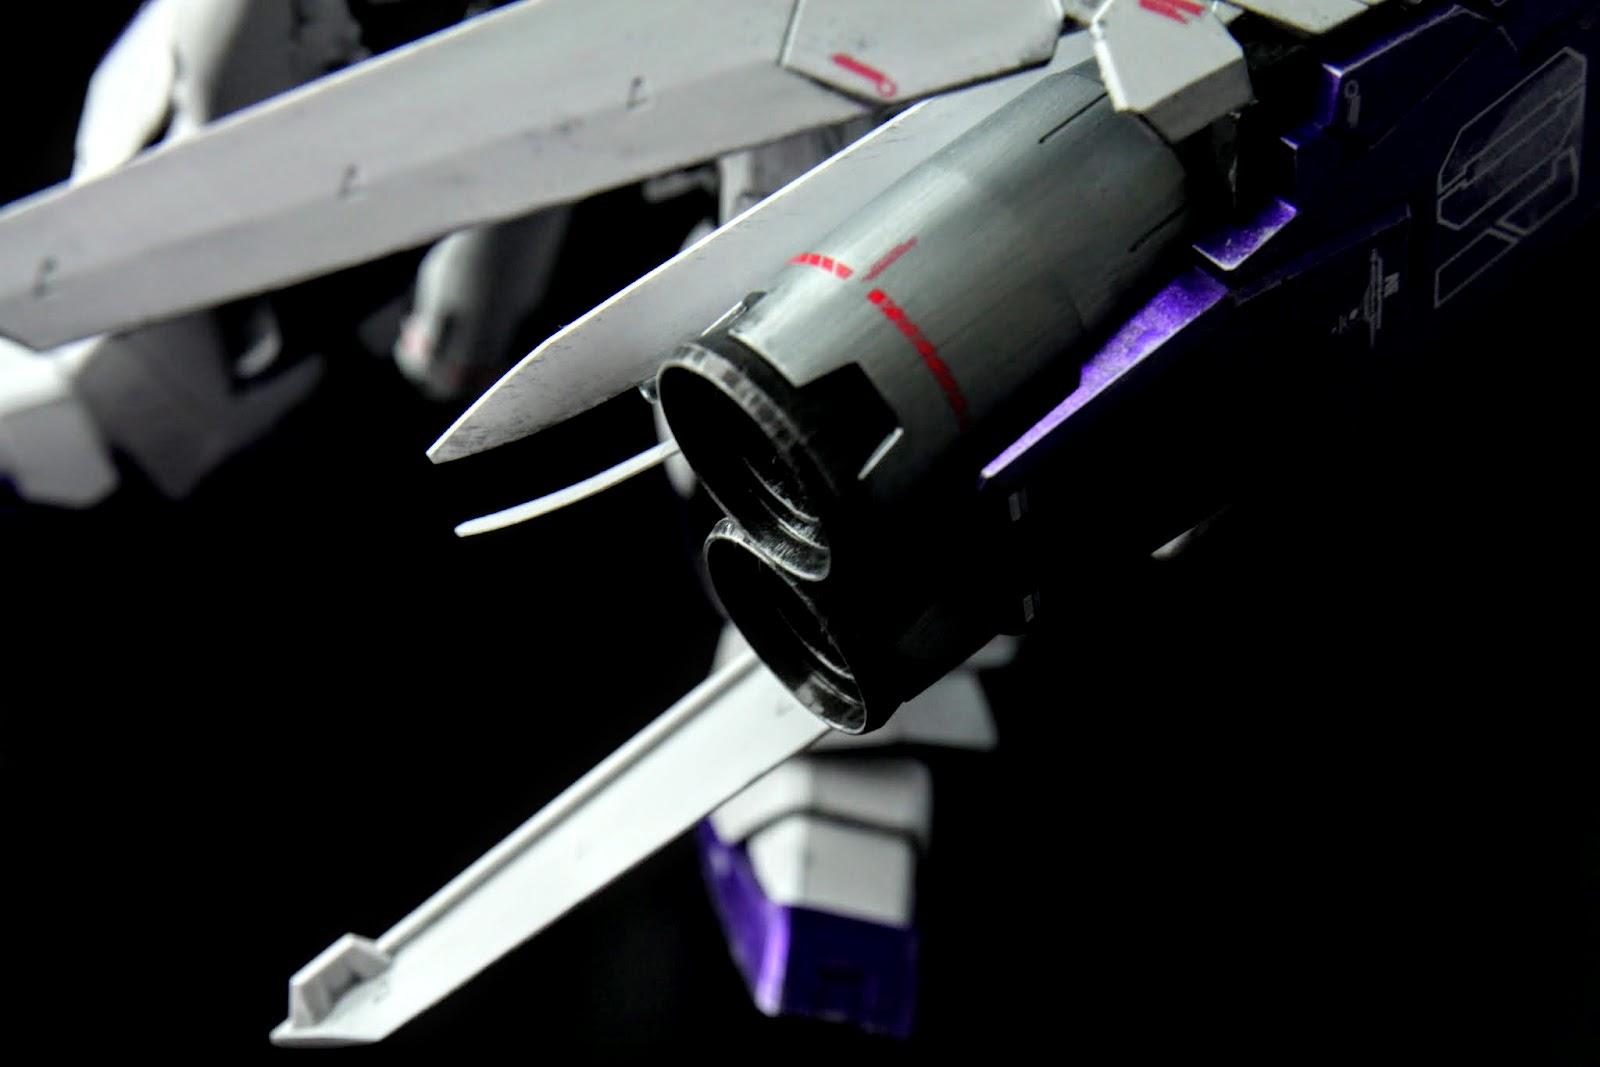 不過盾就真的不行了,設定上這兩個是~粒子砲還是推進器阿?